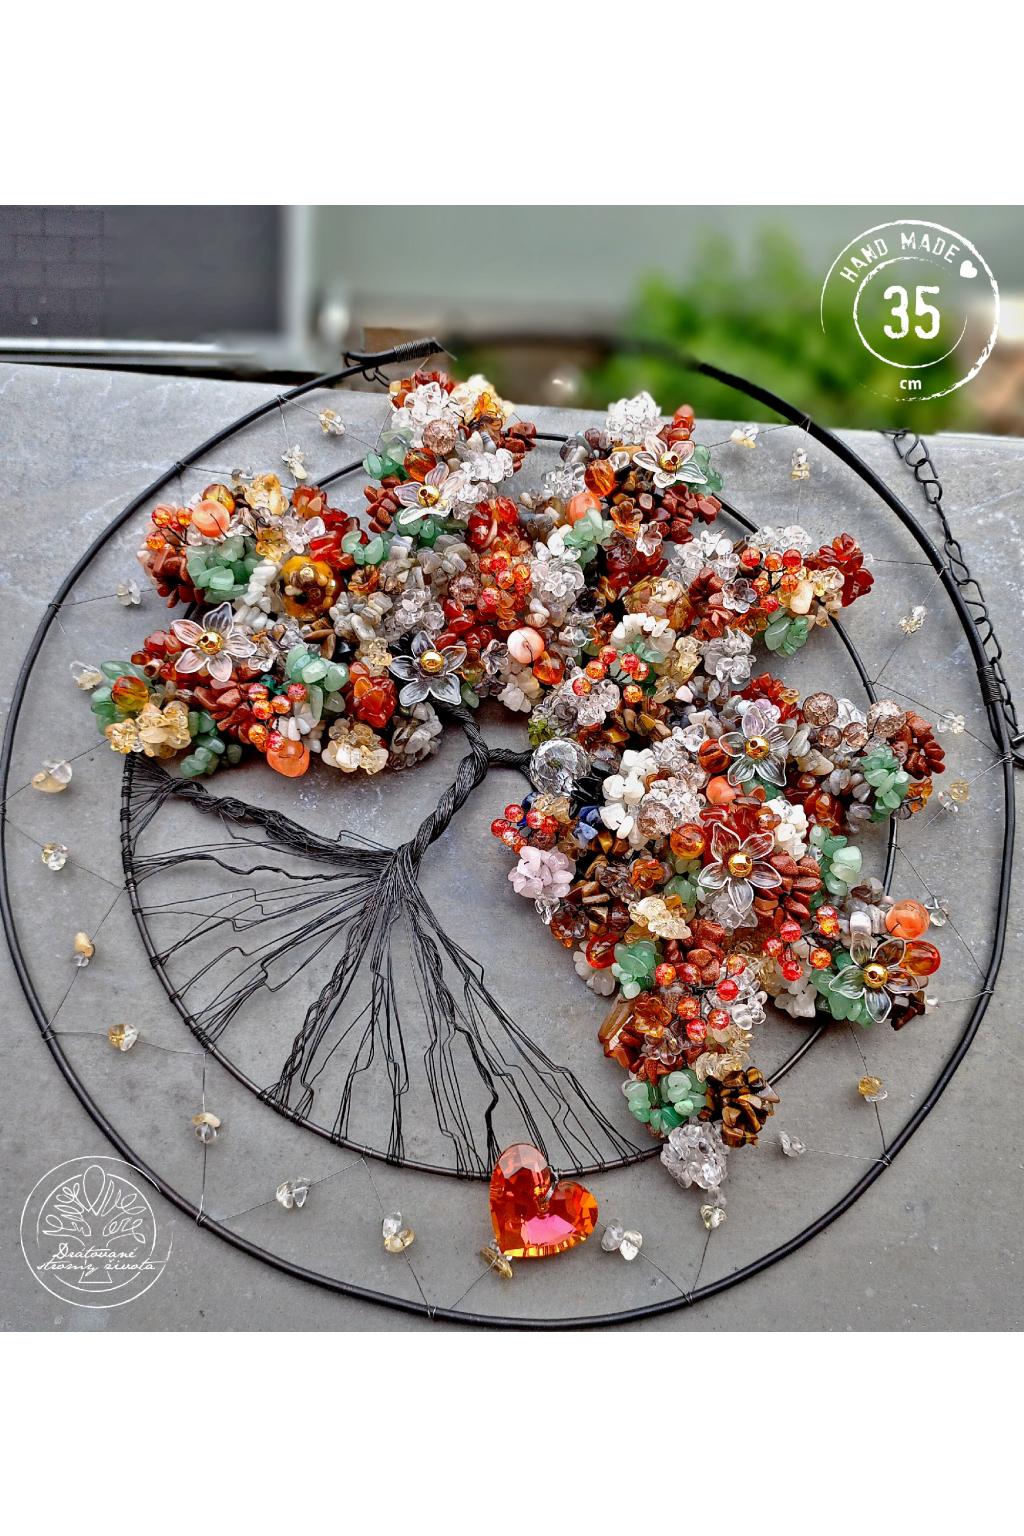 Strom života Polodrahokamy Otevírám srdce v radosti  35cm